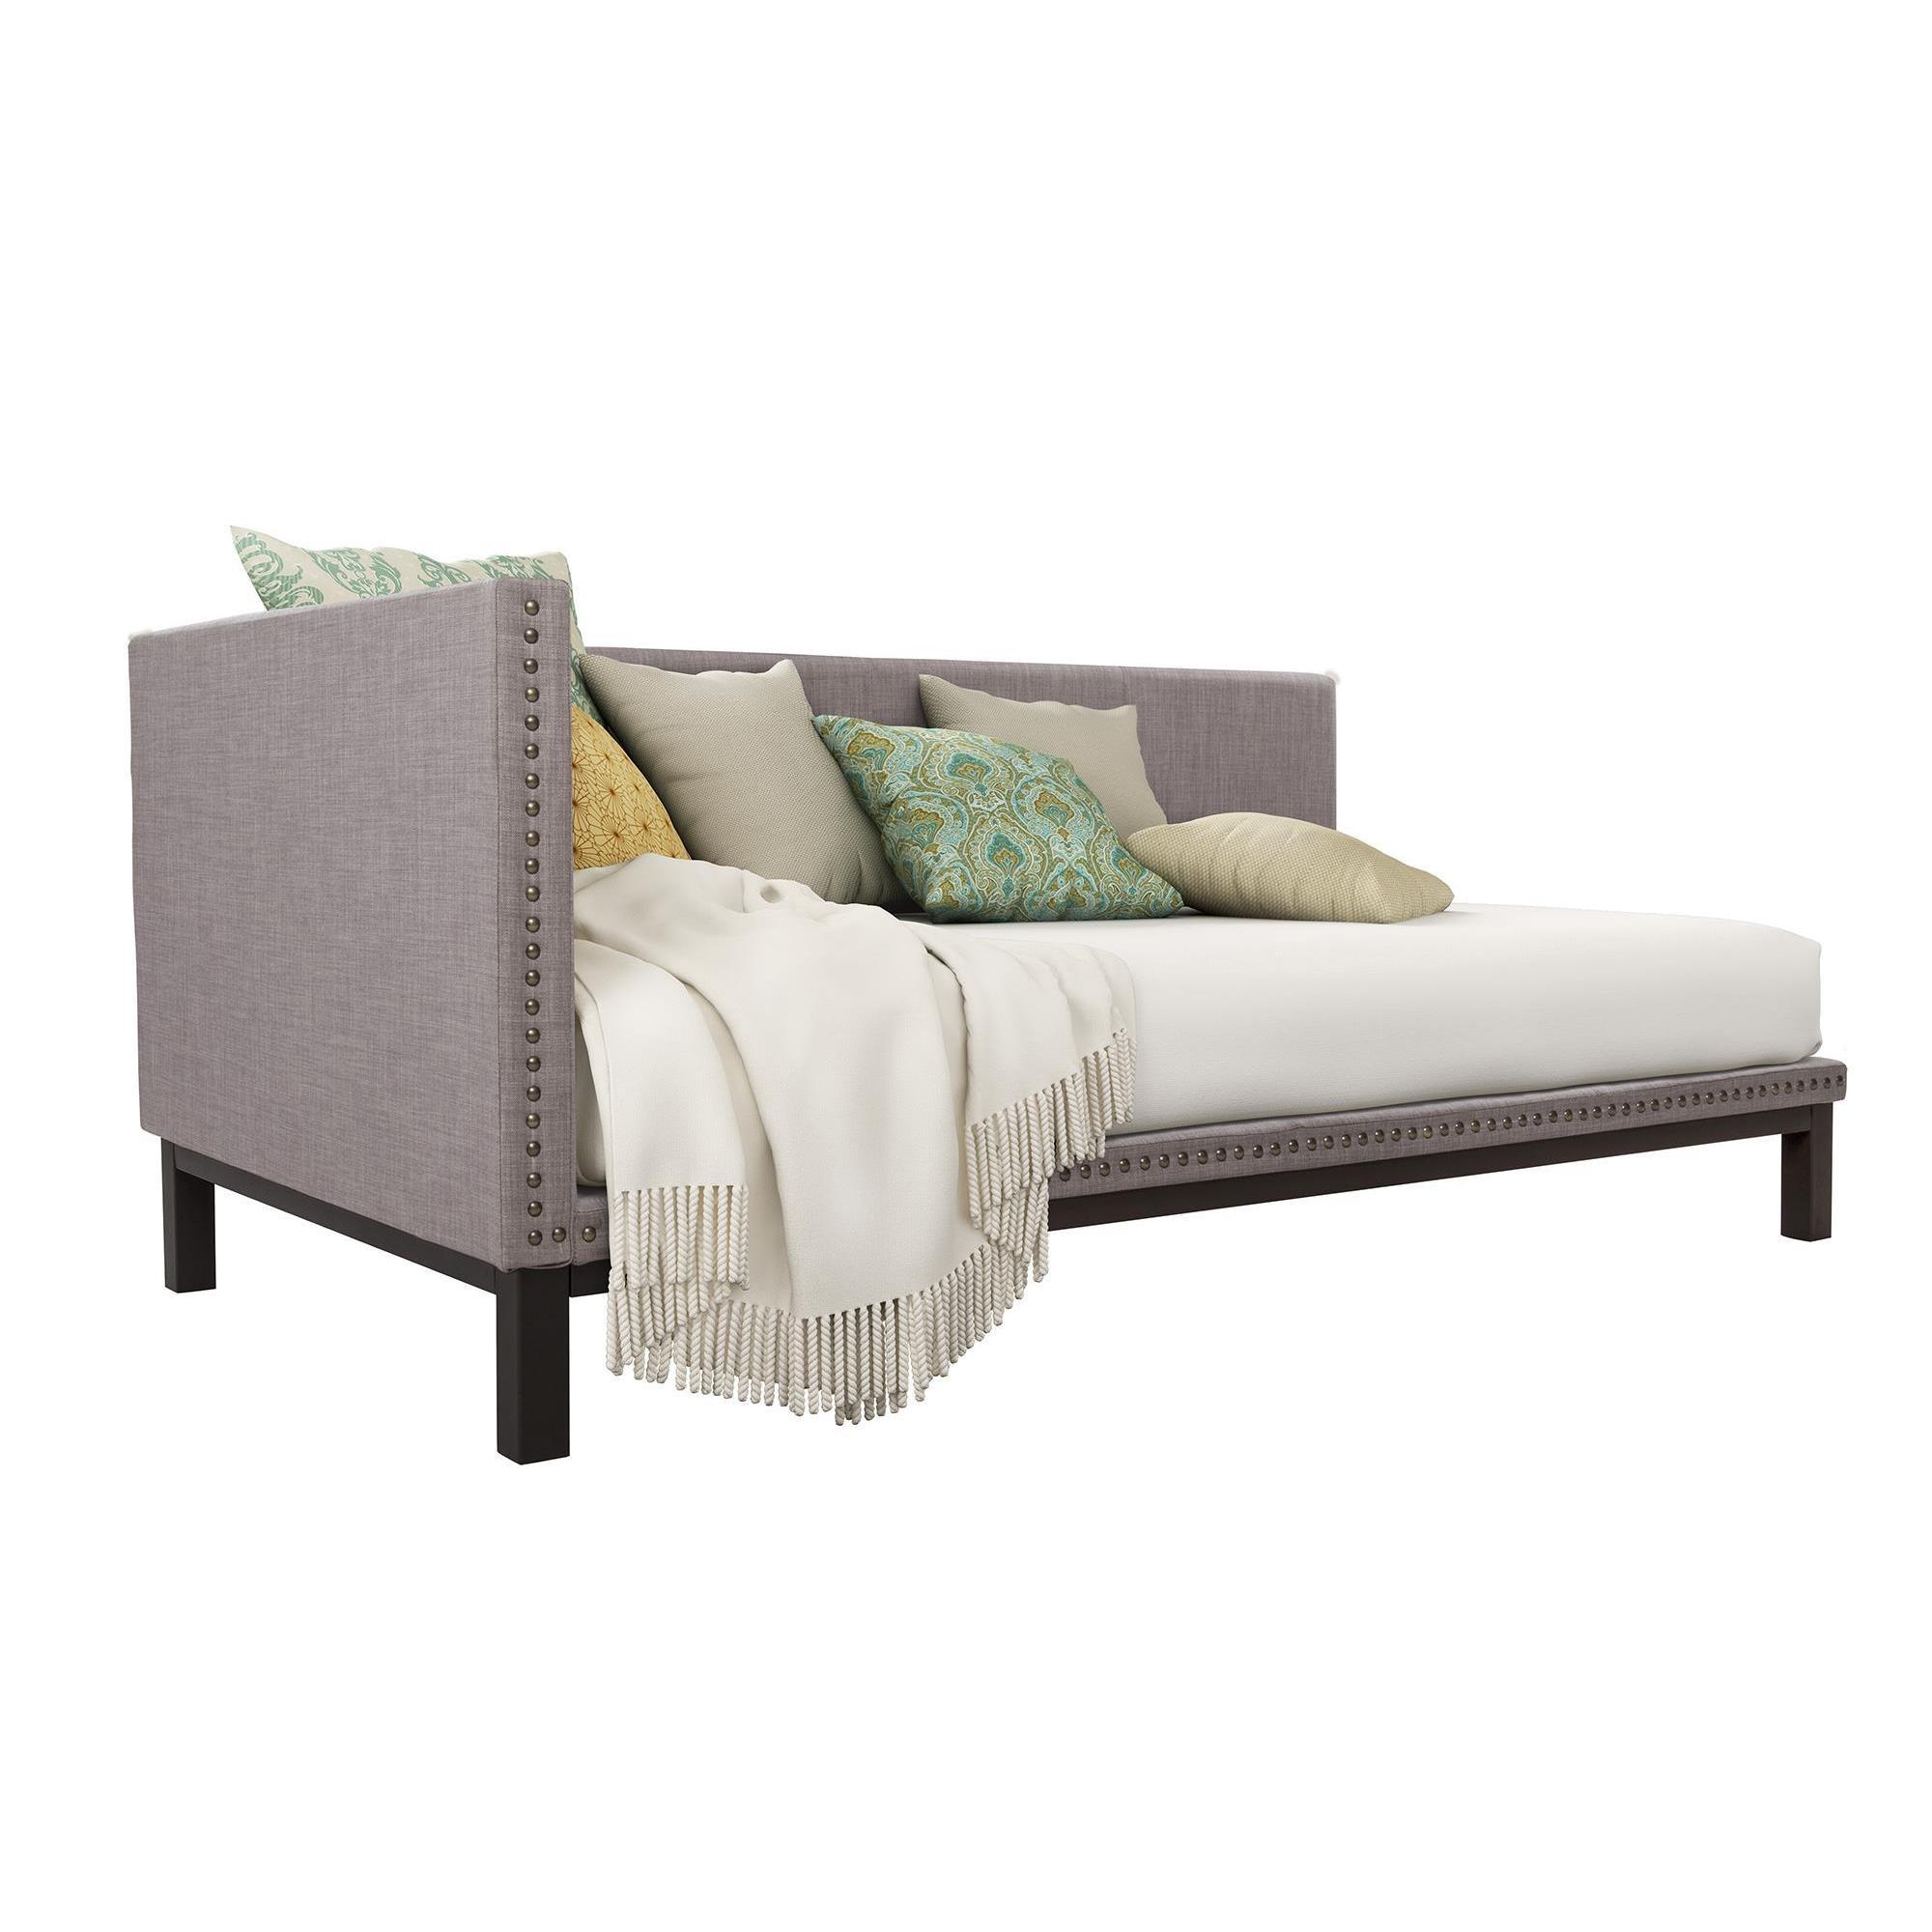 Кровать Platform bedДетские диваны<br>&amp;lt;div&amp;gt;Дизайн 50-х никогда не выйдет из моды! Эта элегантная кровать, выдержанная в эстетике середины XX века, подойдет как подростку, так и взрослому. Ассиметричный силуэт и изысканная отделка. &amp;amp;nbsp; &amp;amp;nbsp; &amp;amp;nbsp;&amp;amp;nbsp;&amp;lt;/div&amp;gt;&amp;lt;div&amp;gt;&amp;amp;nbsp; &amp;amp;nbsp; &amp;amp;nbsp; &amp;amp;nbsp; &amp;amp;nbsp; &amp;amp;nbsp; &amp;amp;nbsp; &amp;amp;nbsp; &amp;amp;nbsp;&amp;lt;/div&amp;gt;&amp;lt;div&amp;gt;&amp;lt;span style=&amp;quot;font-size: 14px;&amp;quot;&amp;gt;Материалы: бук, текстиль.&amp;lt;/span&amp;gt;&amp;lt;br&amp;gt;&amp;lt;/div&amp;gt;&amp;lt;div&amp;gt;Варианты исполнения: более 200 цветов ткани высокой категории (включено в стоимость), ткань заказчика.&amp;amp;nbsp;&amp;lt;span style=&amp;quot;font-size: 14px;&amp;quot;&amp;gt;Гарантия: от производителя 1 год.&amp;lt;/span&amp;gt;&amp;lt;/div&amp;gt;&amp;lt;div&amp;gt;&amp;lt;br&amp;gt;&amp;lt;/div&amp;gt;&amp;lt;div&amp;gt;Размер спального места: 90*180 см.&amp;lt;/div&amp;gt;<br><br>Material: Текстиль<br>Ширина см: 196<br>Высота см: 80<br>Глубина см: 100